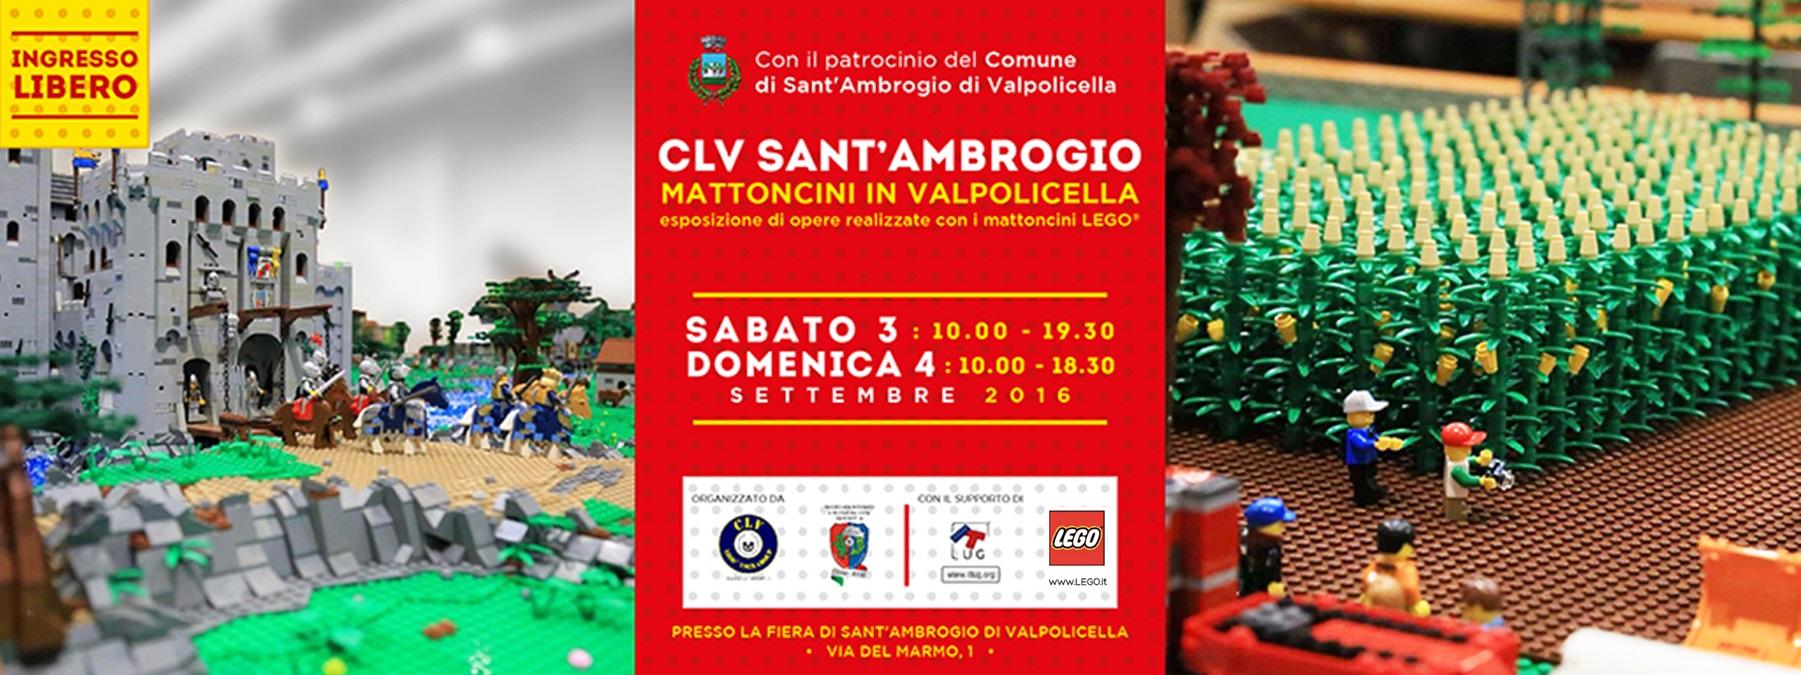 """ItLUG partecipa a """"CLV Sant'Ambrogio 2016 - Mattoncini in Valpolicella"""""""